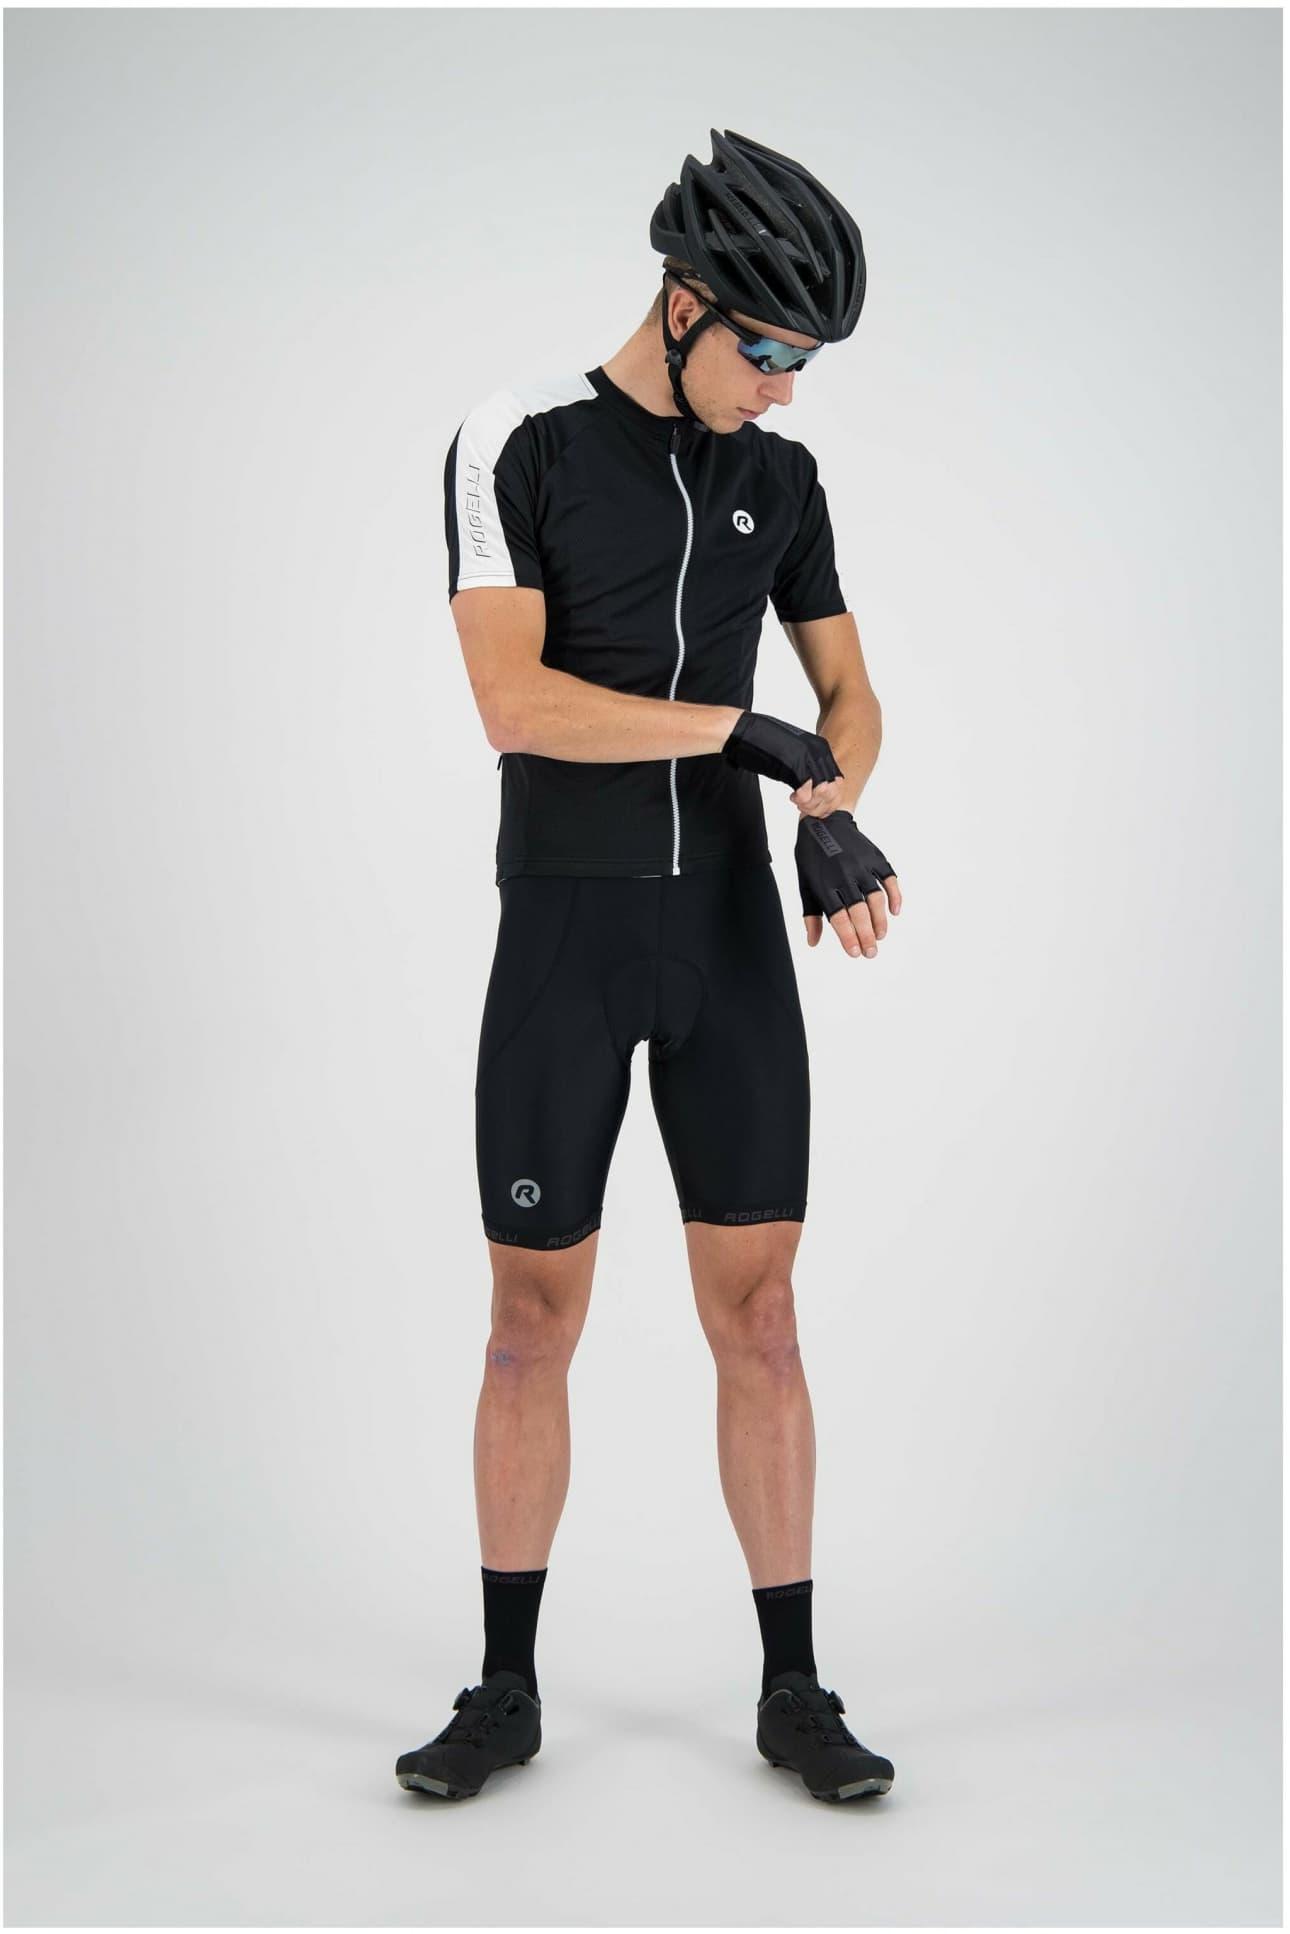 Klasyczna koszulka na rower Rogelli EXPLORE z krótkim